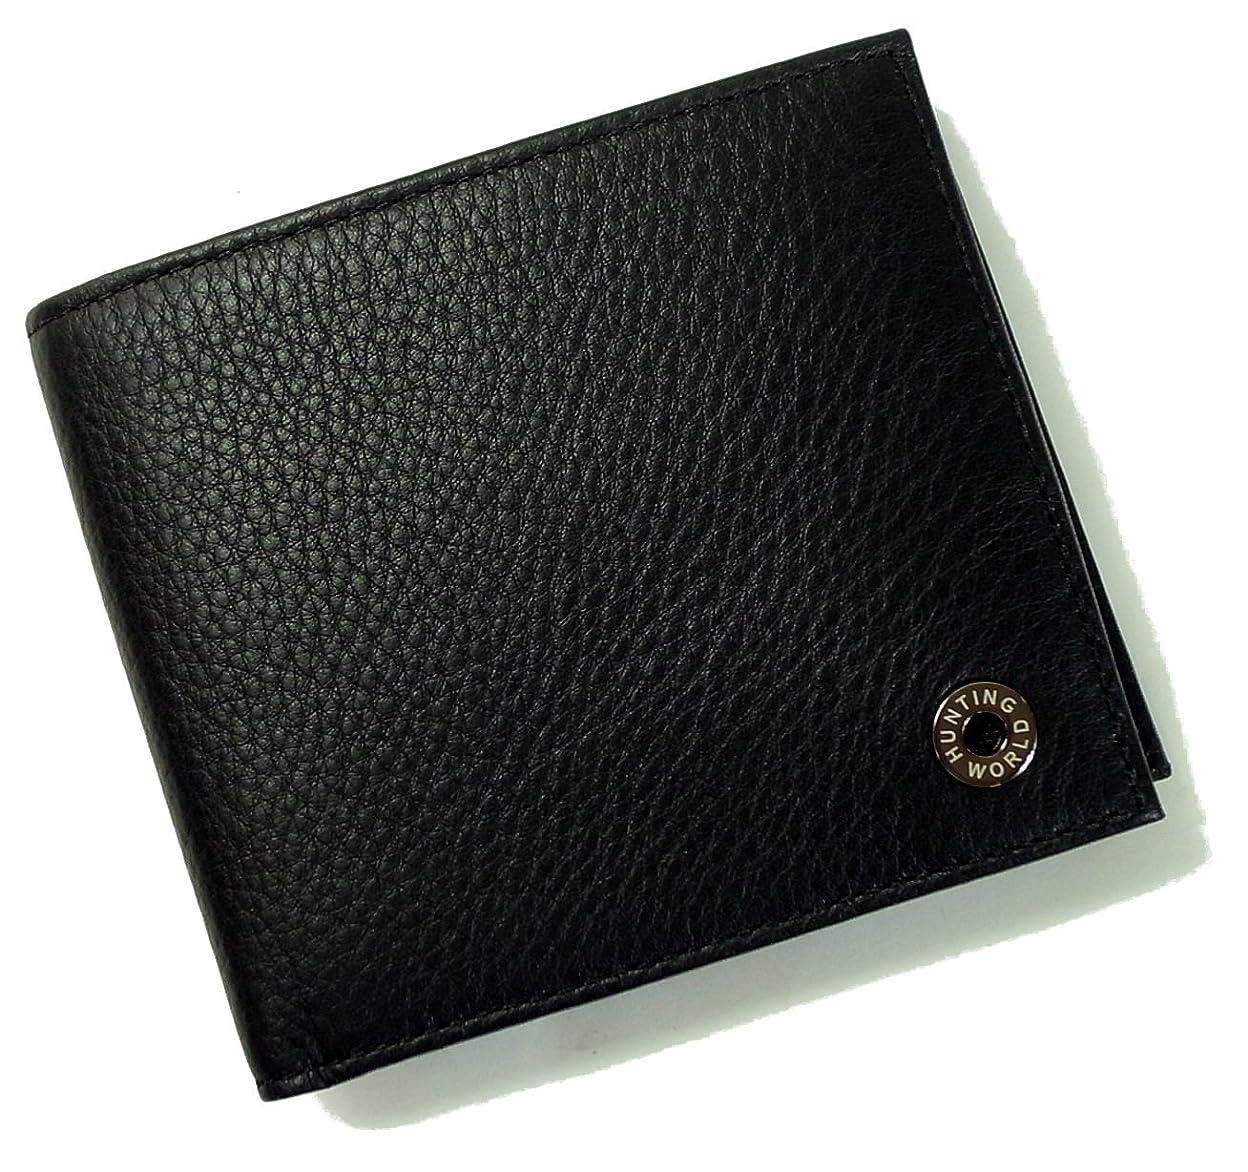 自分のランドリー機密[ハンティングワールド] 財布 メンズ 二つ折 KASHGAR (ブラック) 207-371 HW-503 [並行輸入品]